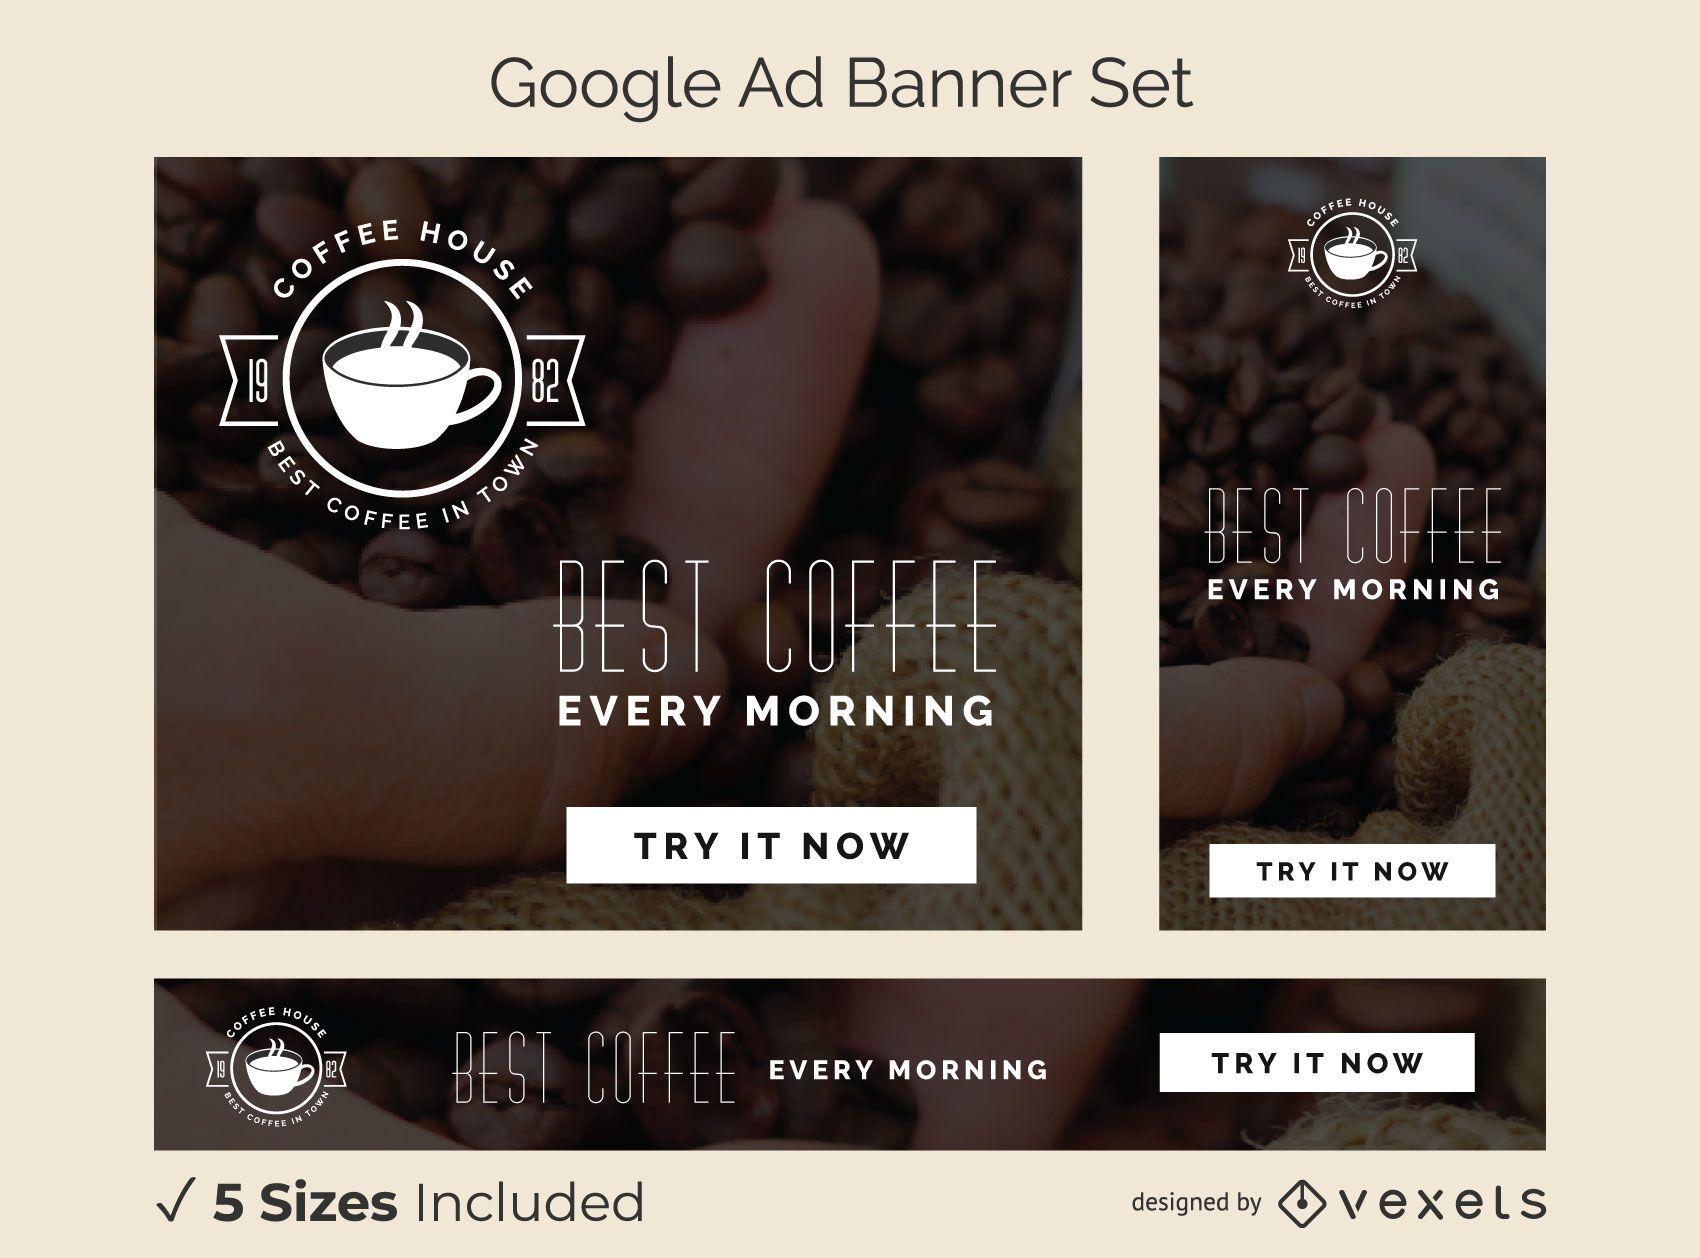 Conjunto de banner de anuncio de cafeter?a